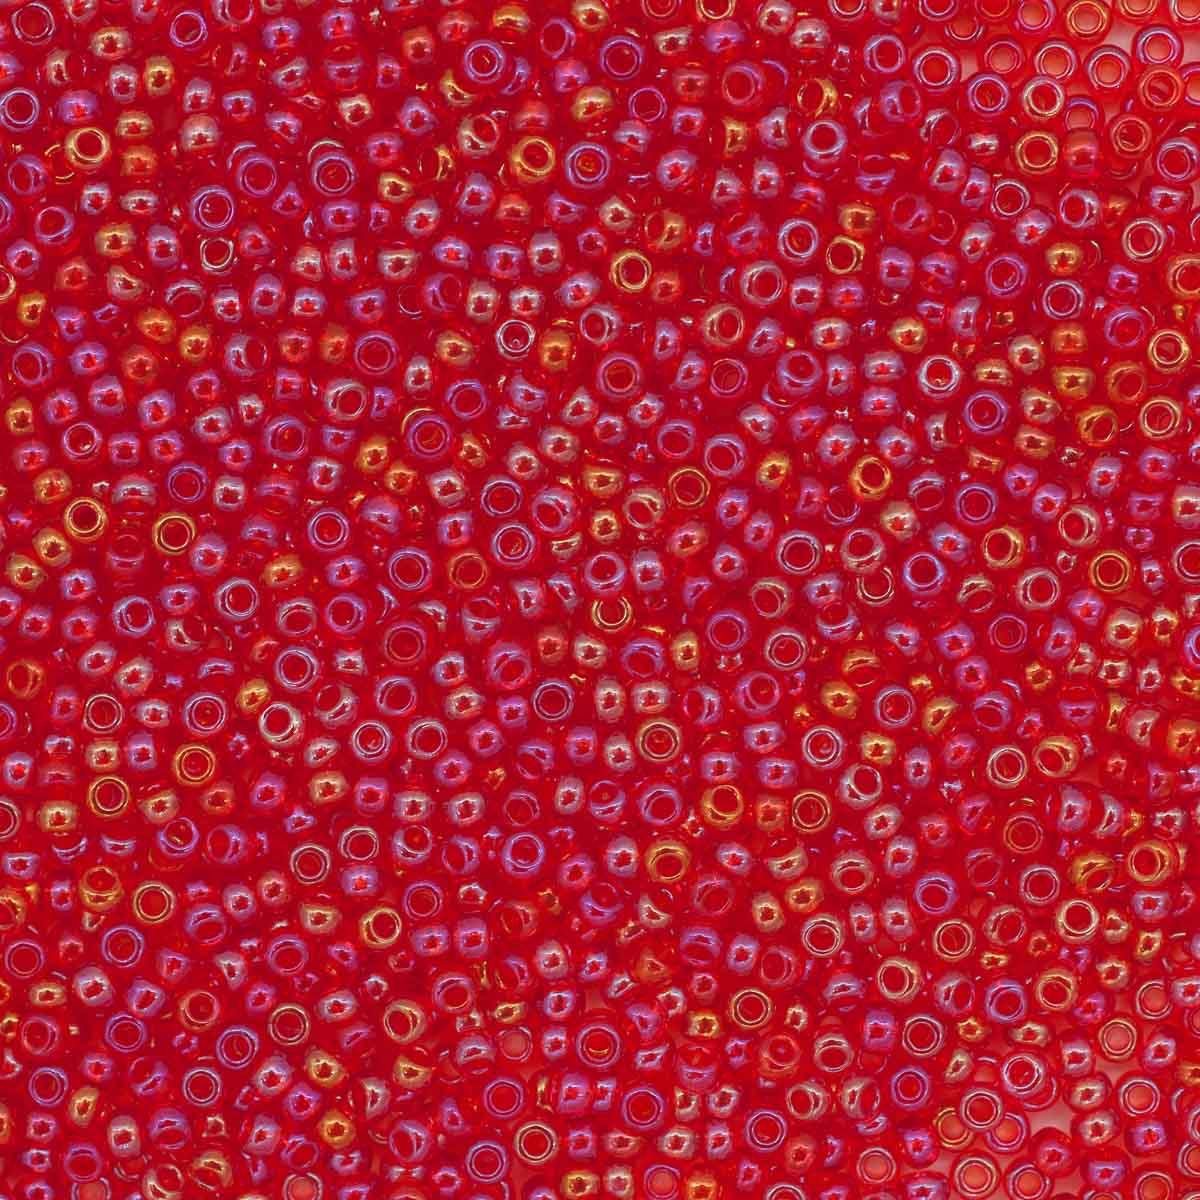 331-19001-10/0-91050 Бисер прозрачный радужный 10/0, круг. отв., 20 гр., Preciosa